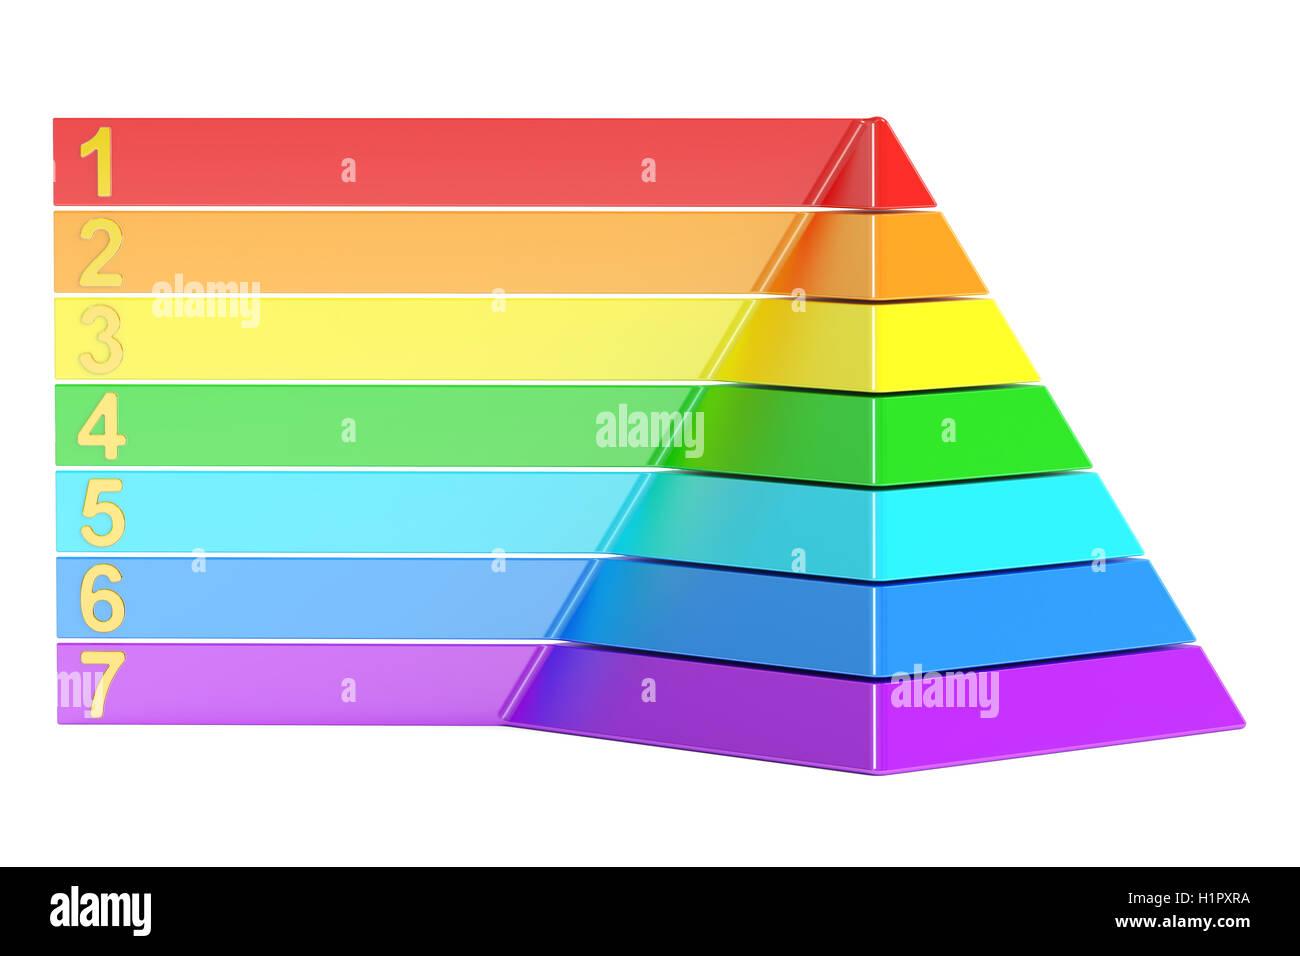 pirámide con los niveles de color gráfica de pirámide 3d rendering